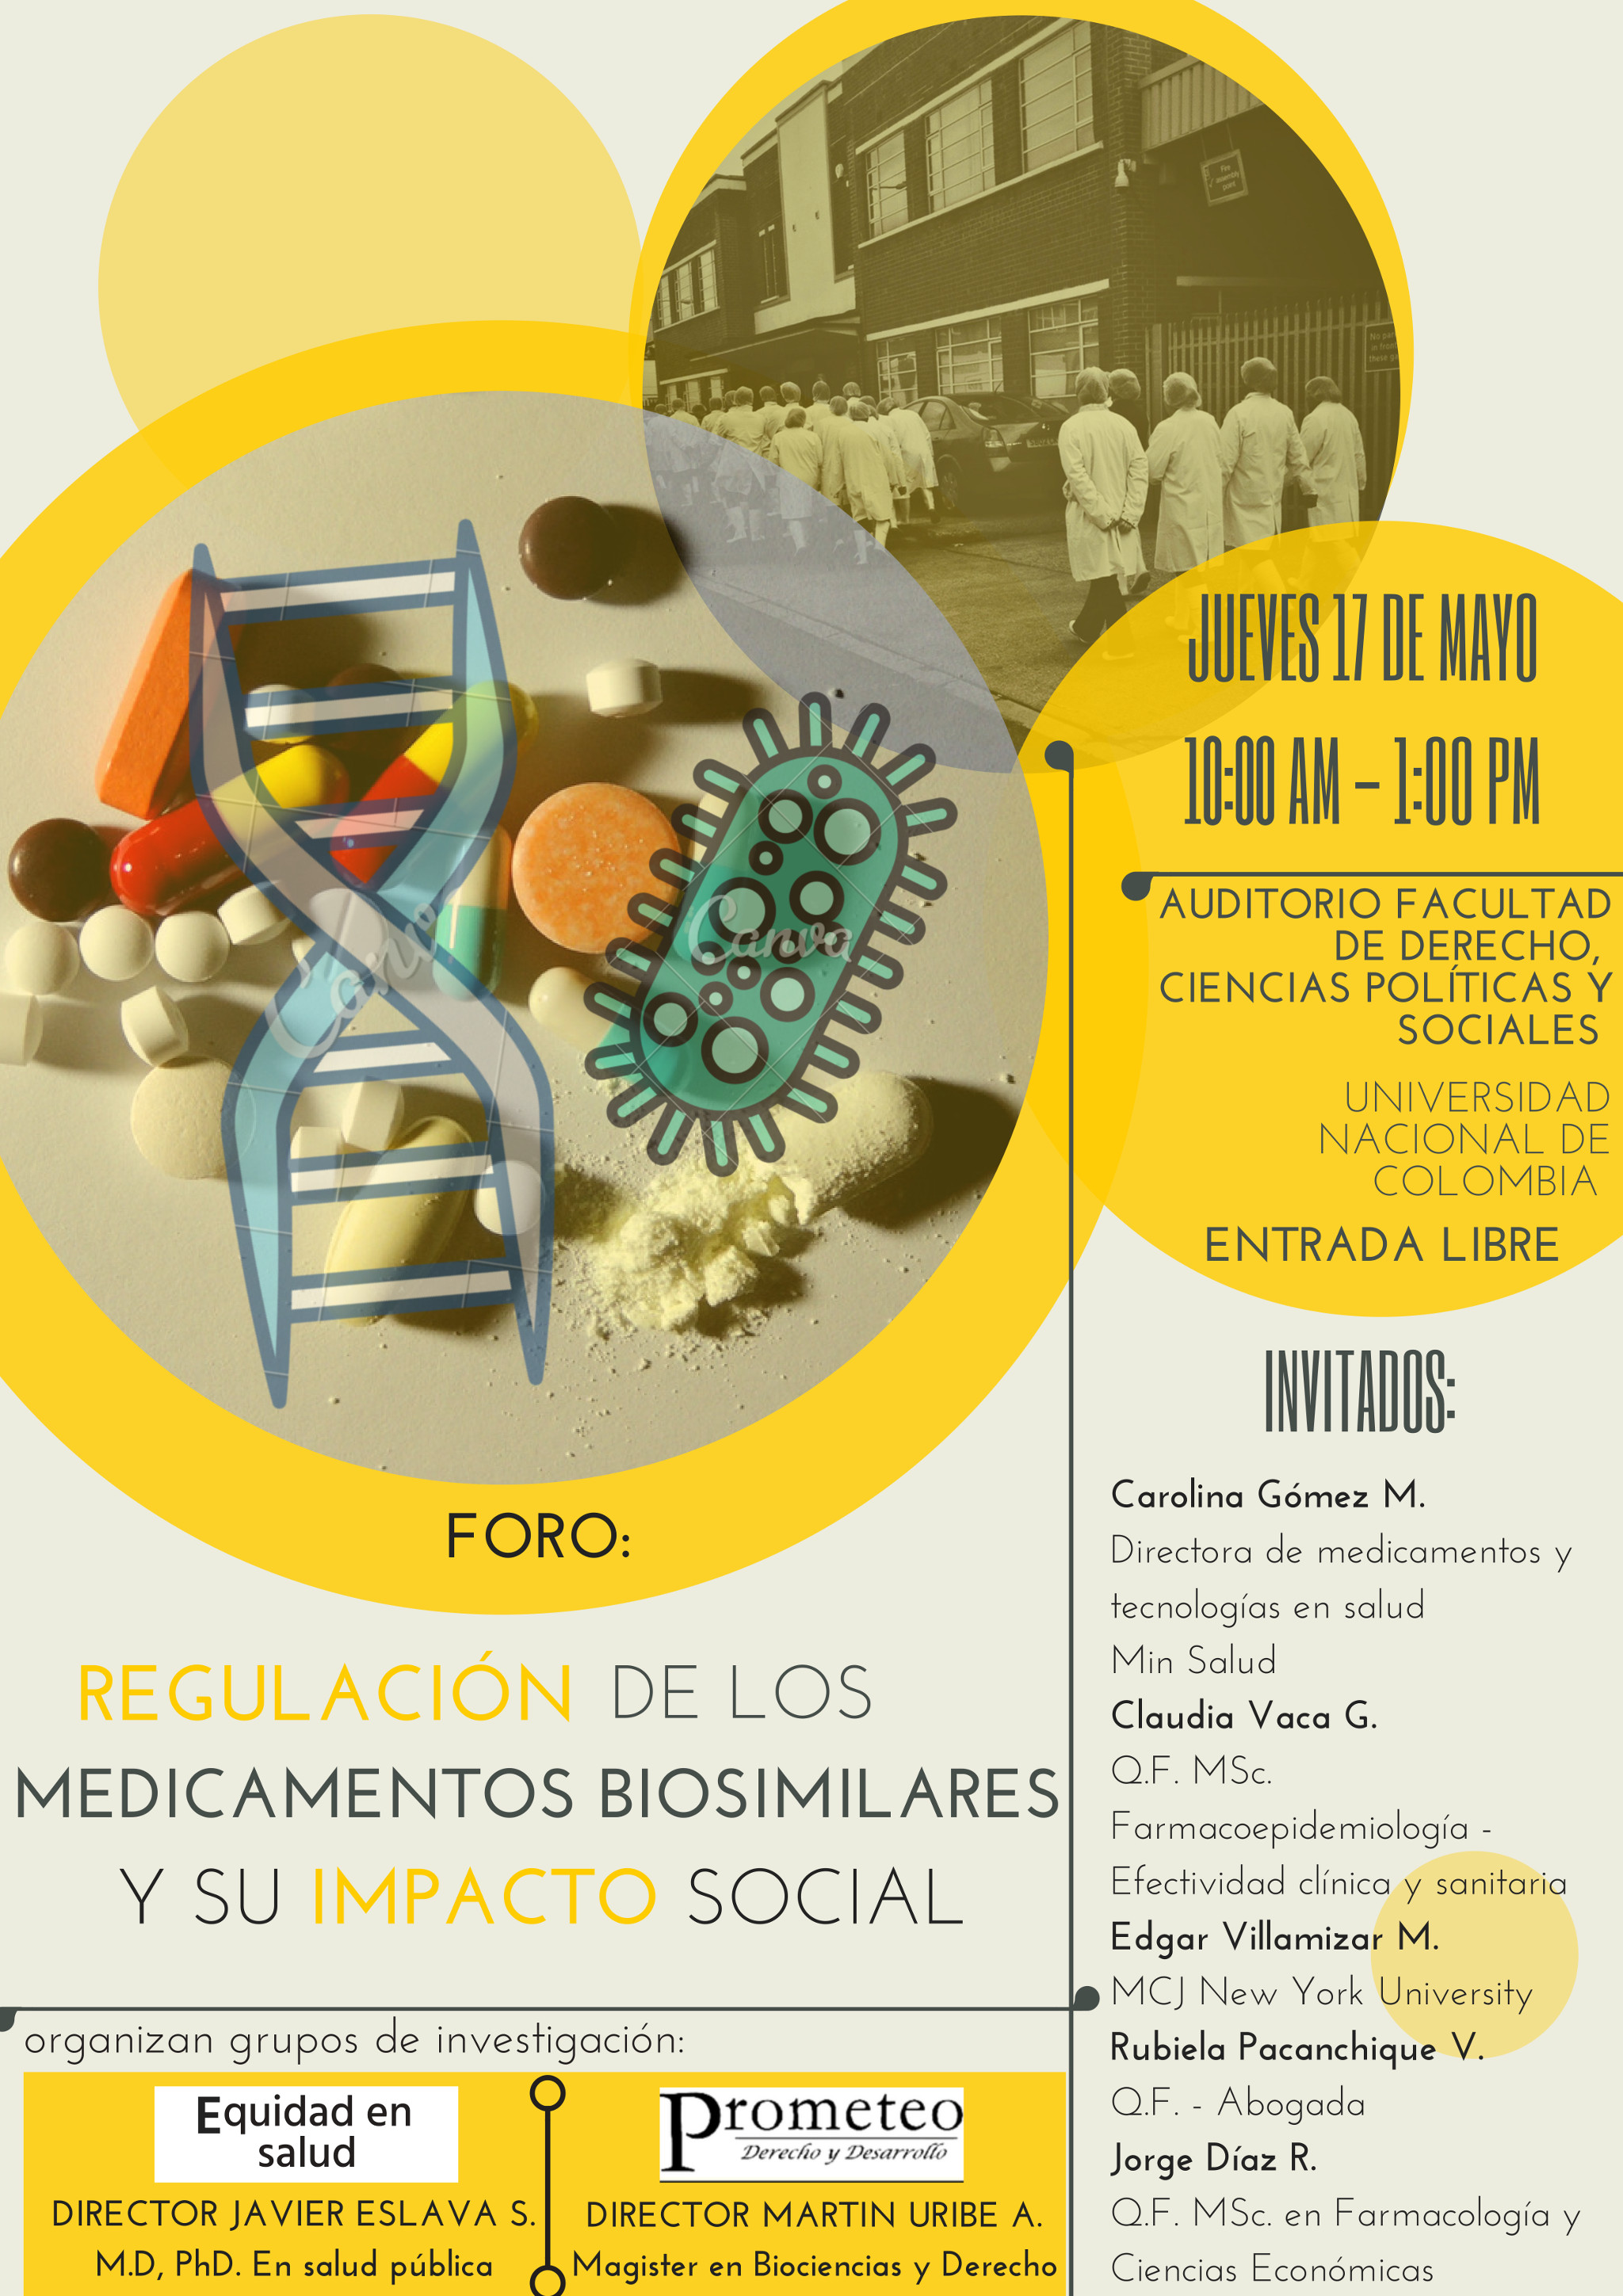 Foro «Regulación de los medicamentos biosimilares y su impacto social»